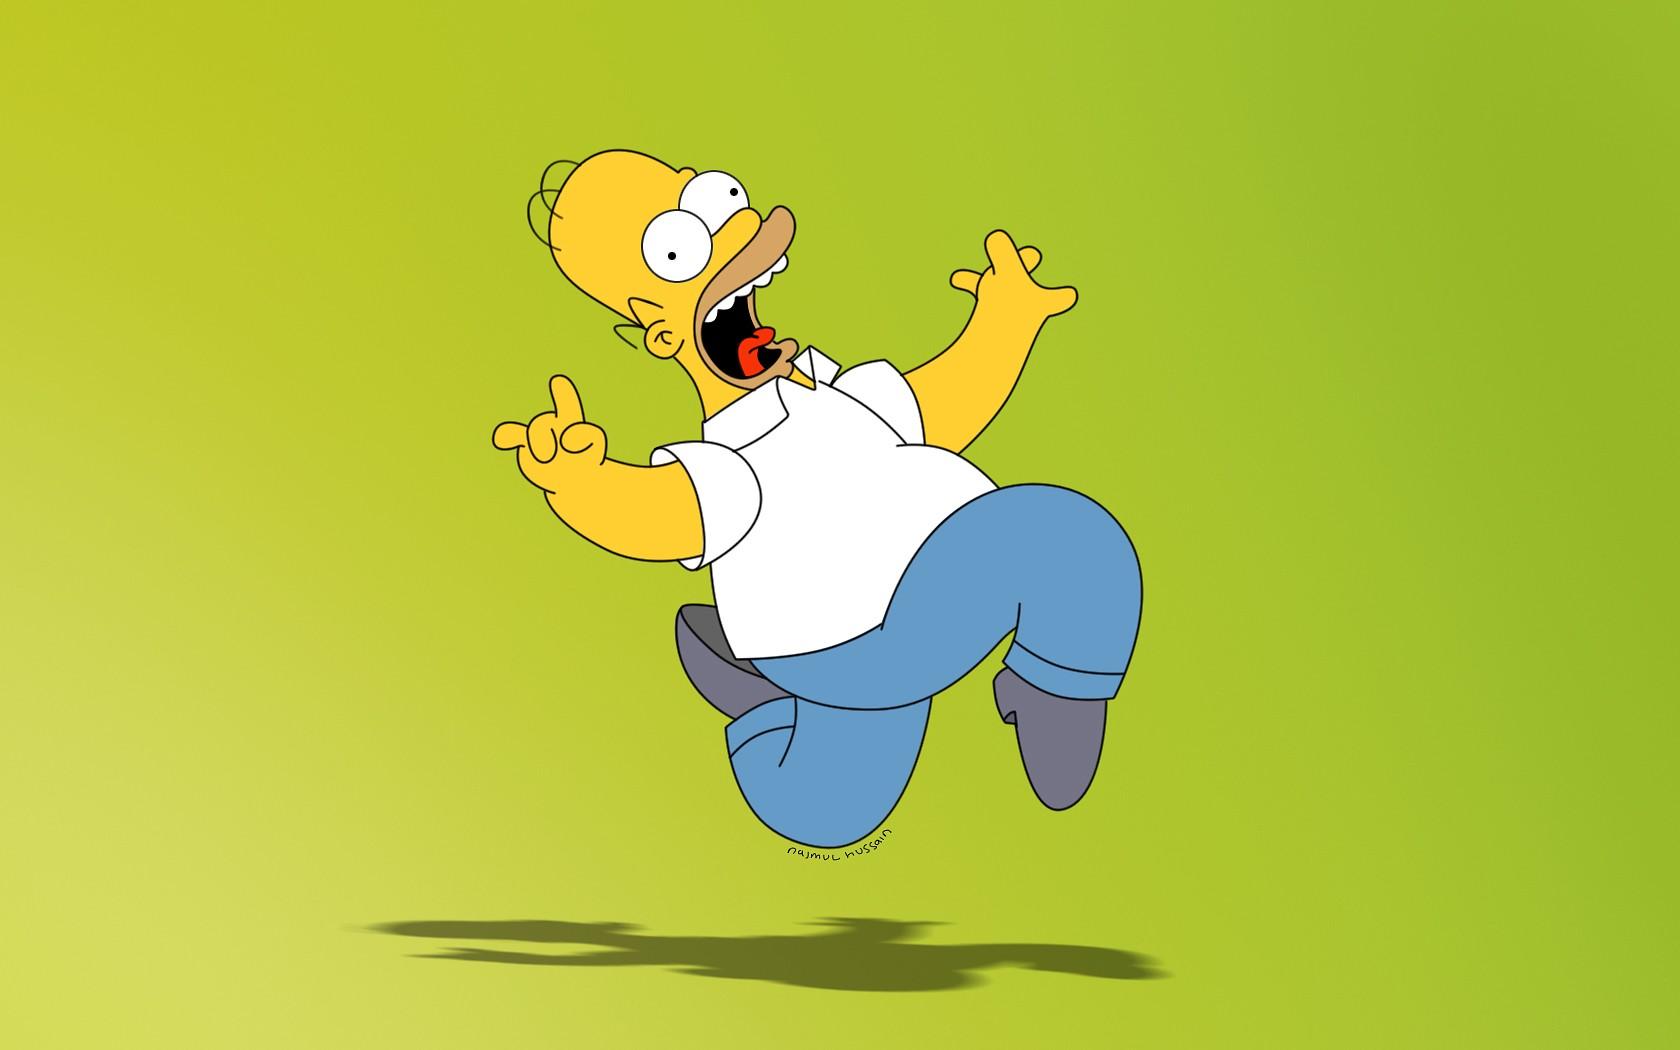 Sfondi illustrazione cartone animato i simpson homer